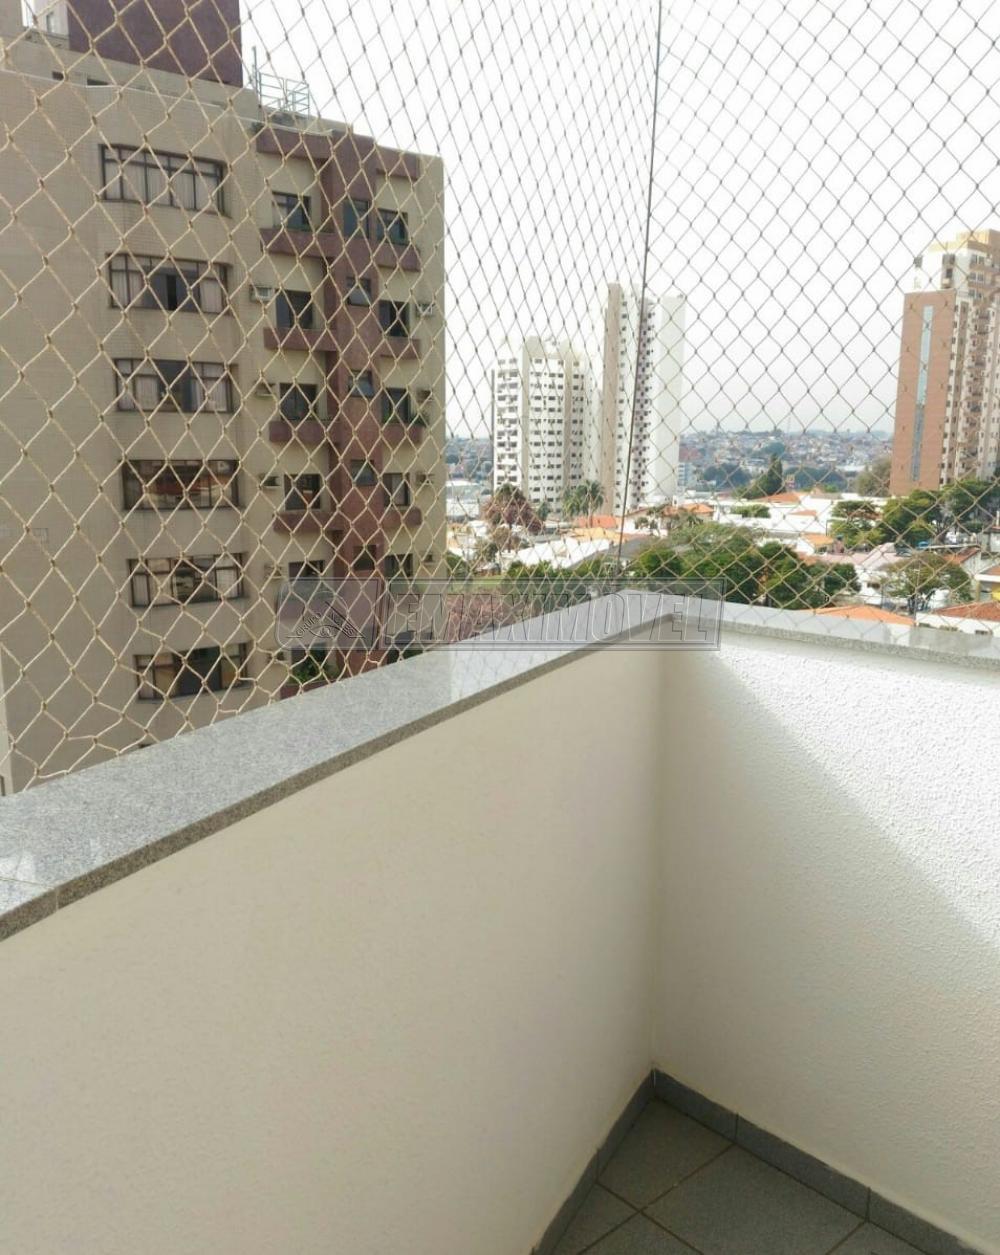 Comprar Apartamentos / Apto Padrão em Sorocaba apenas R$ 560.000,00 - Foto 11